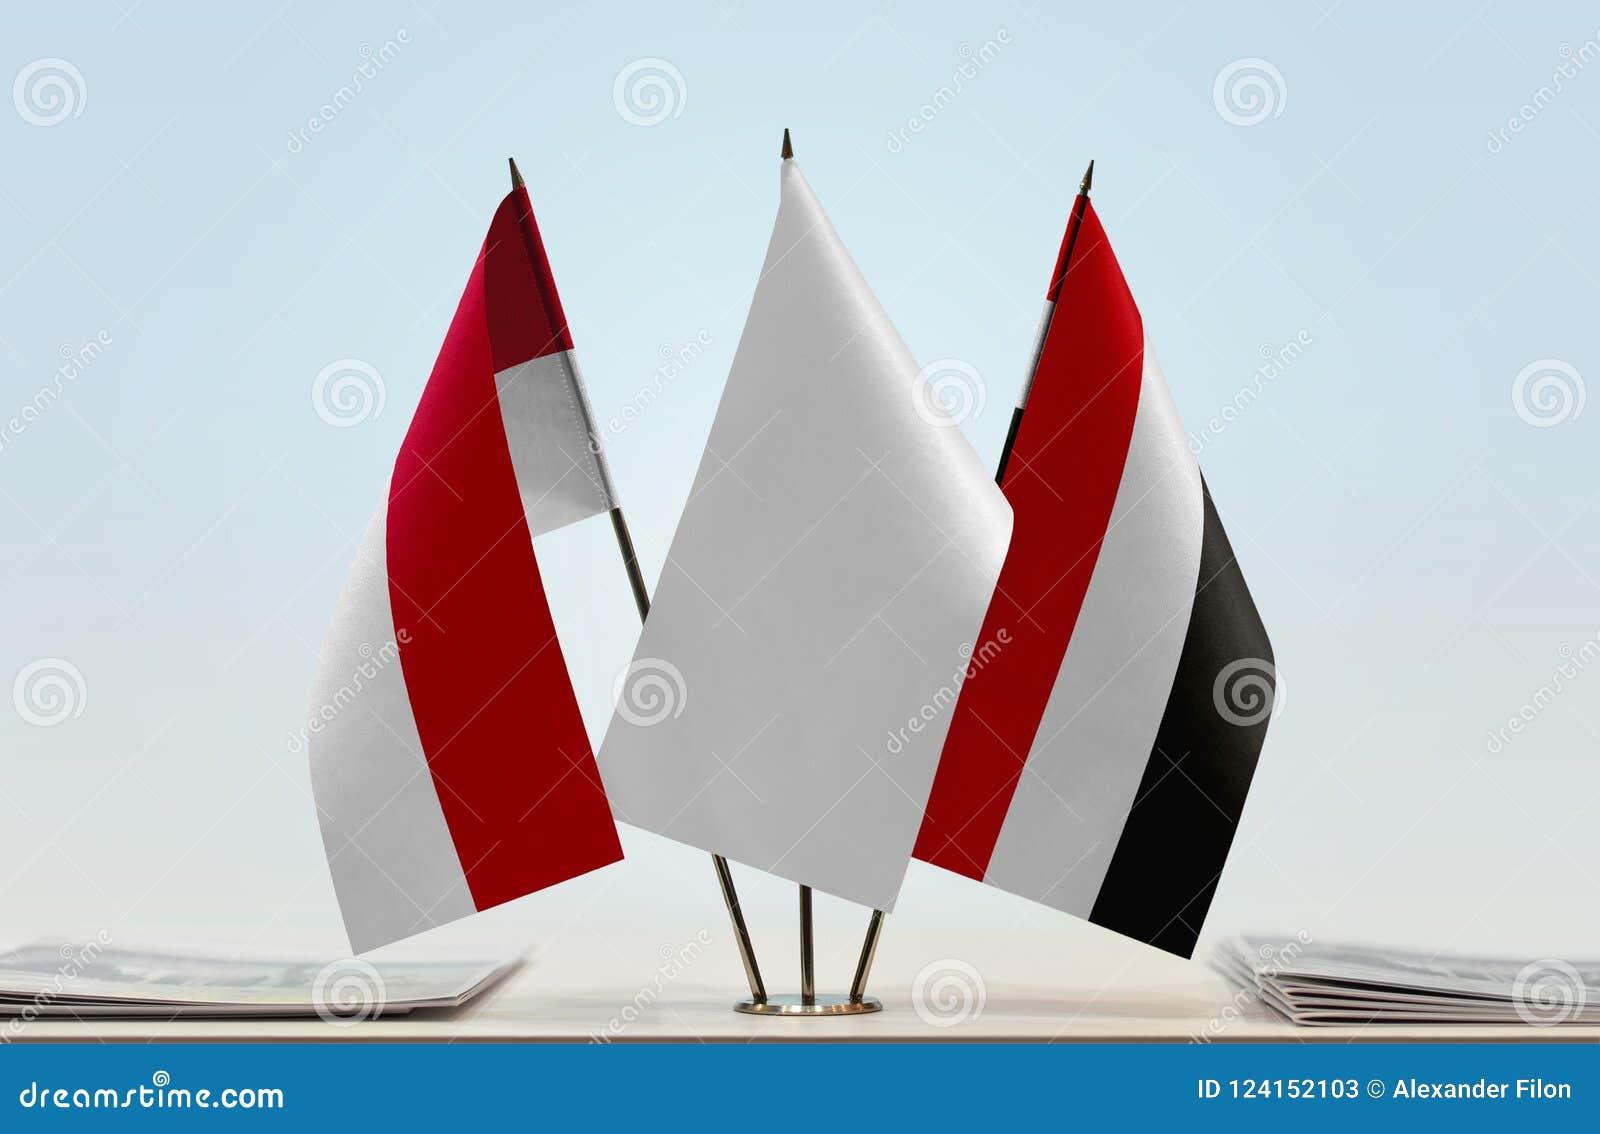 Flags of Monaco and Yemen